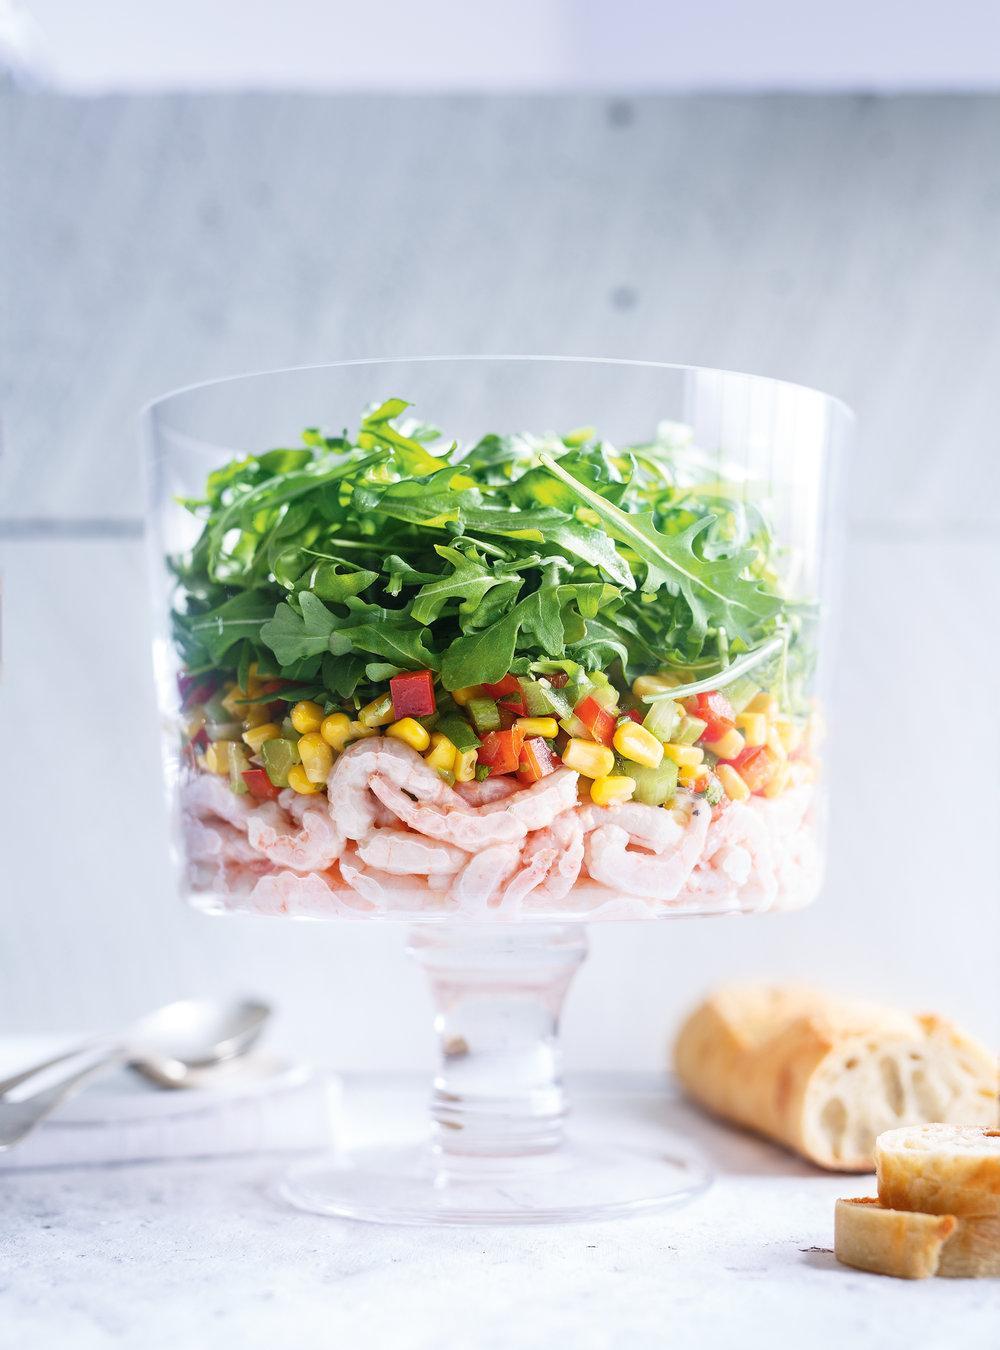 Salade de crevettes nordiques et de maïs | ricardo